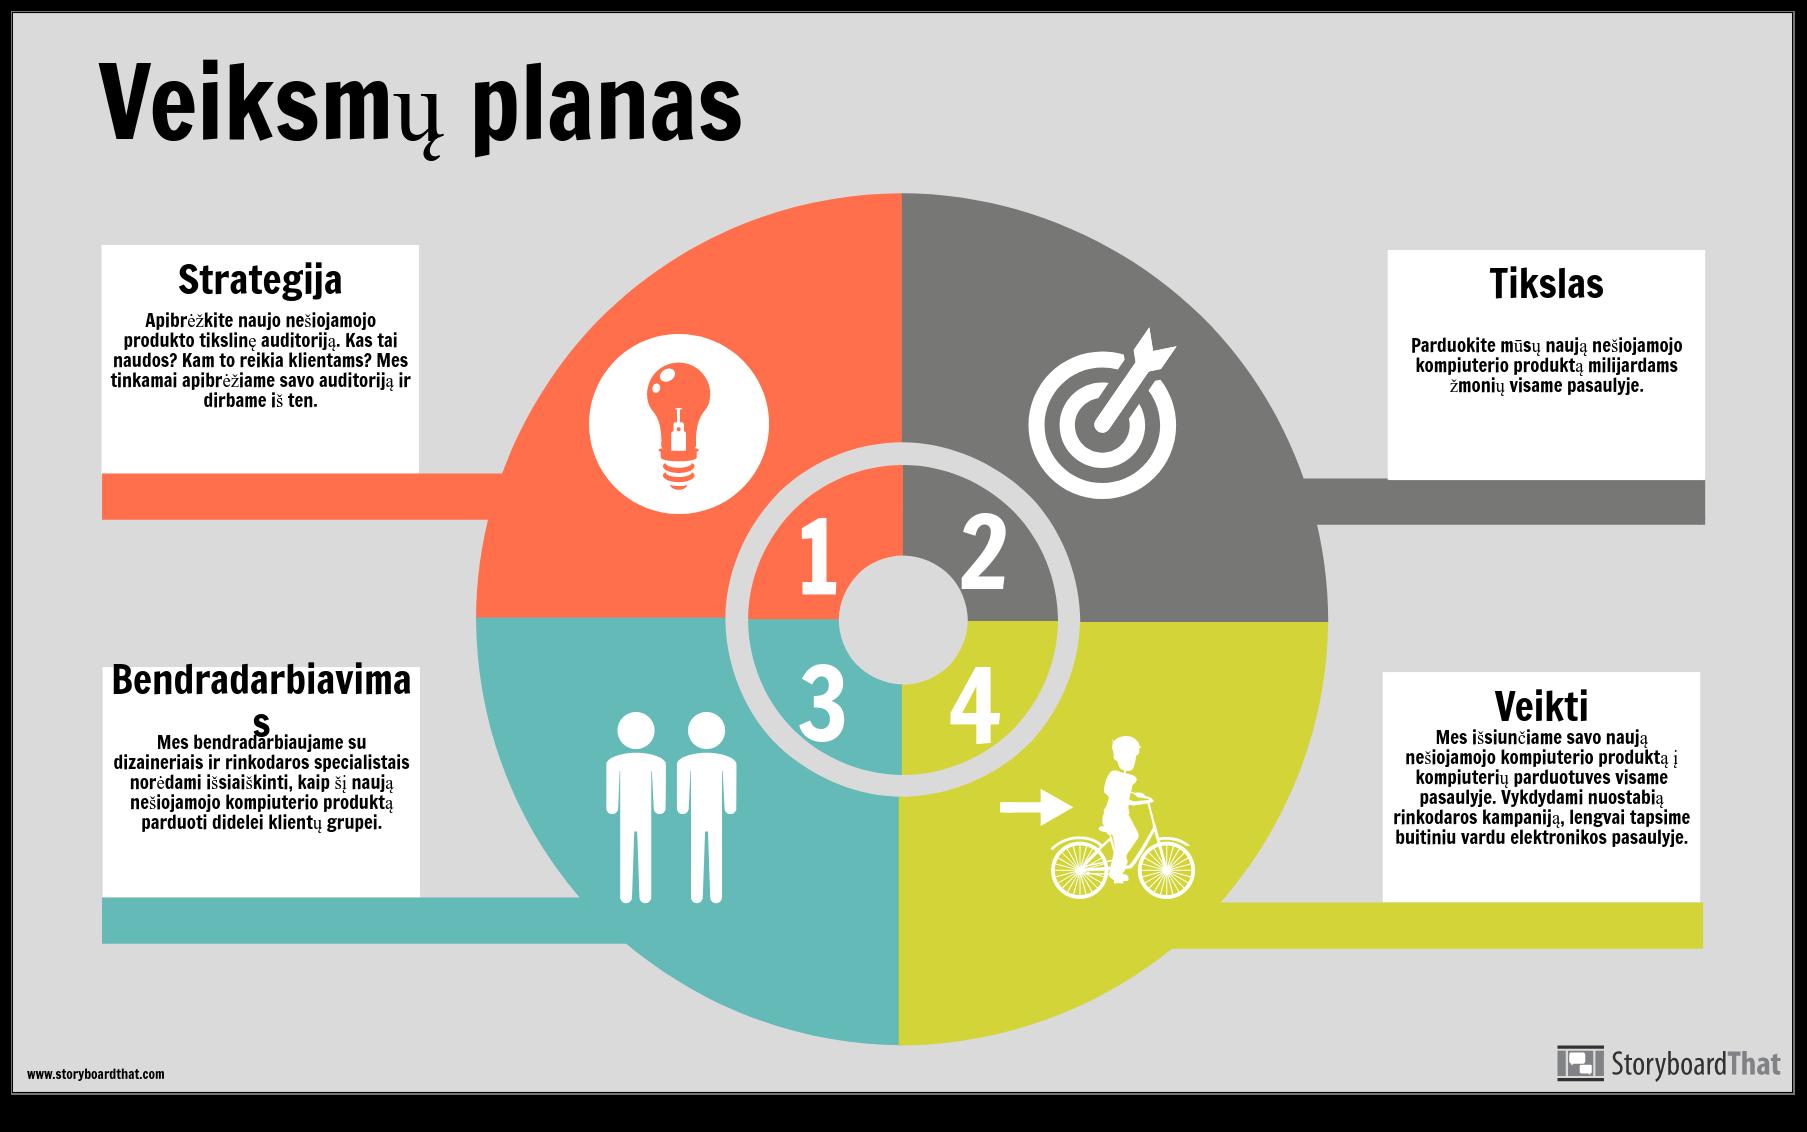 Veiksmų Plano Informacijos Pavyzdys